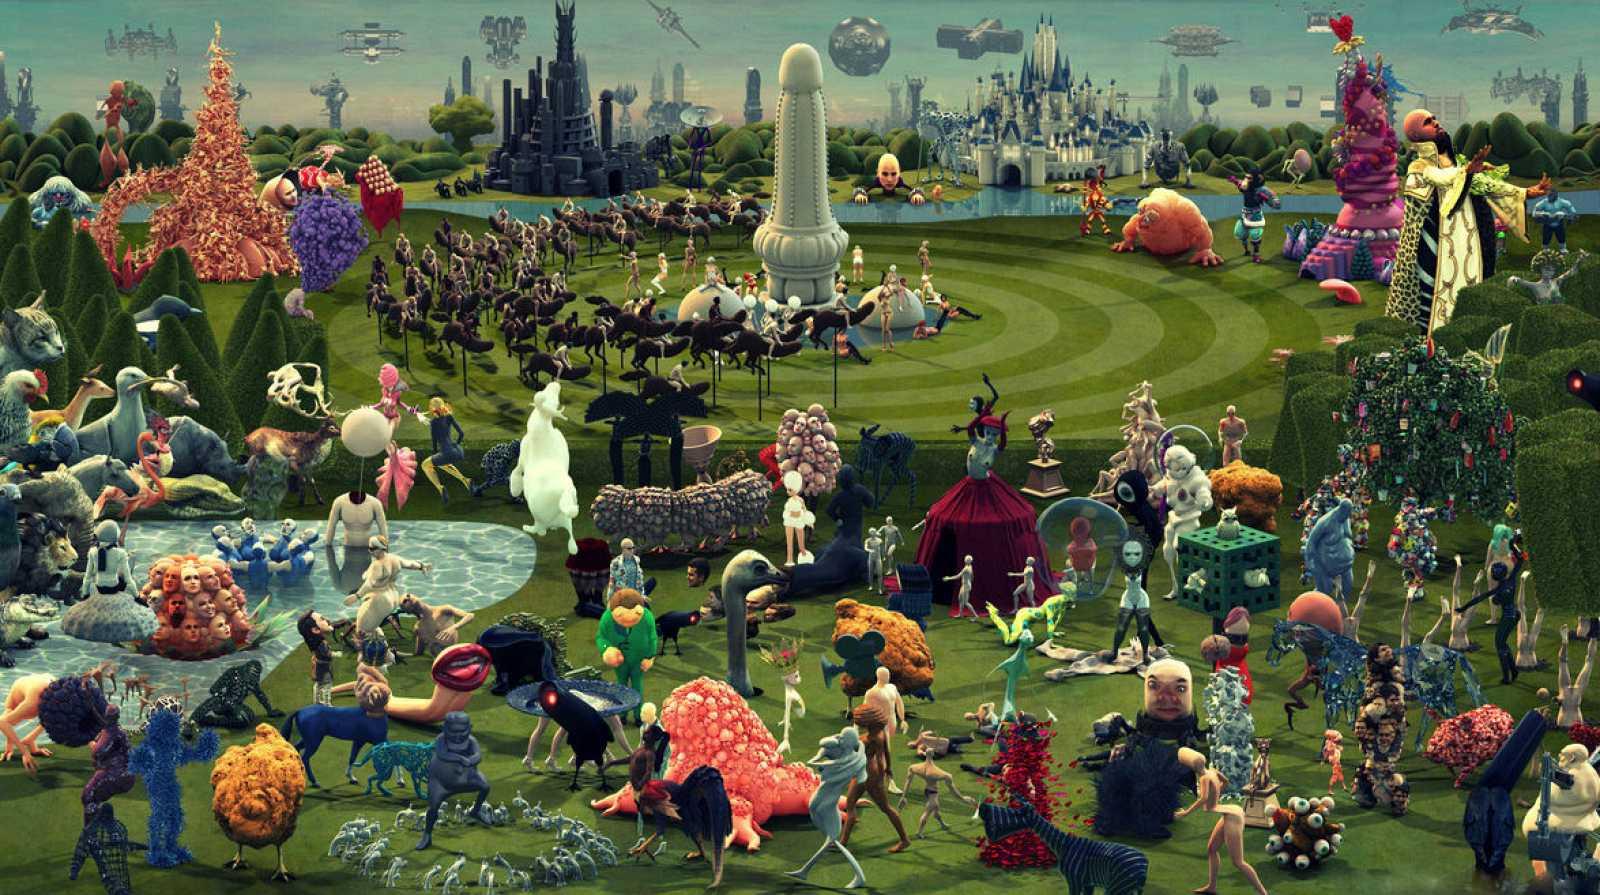 Venga la vida - El jardín de los delirios - 20/07/19 - escuchar ahora